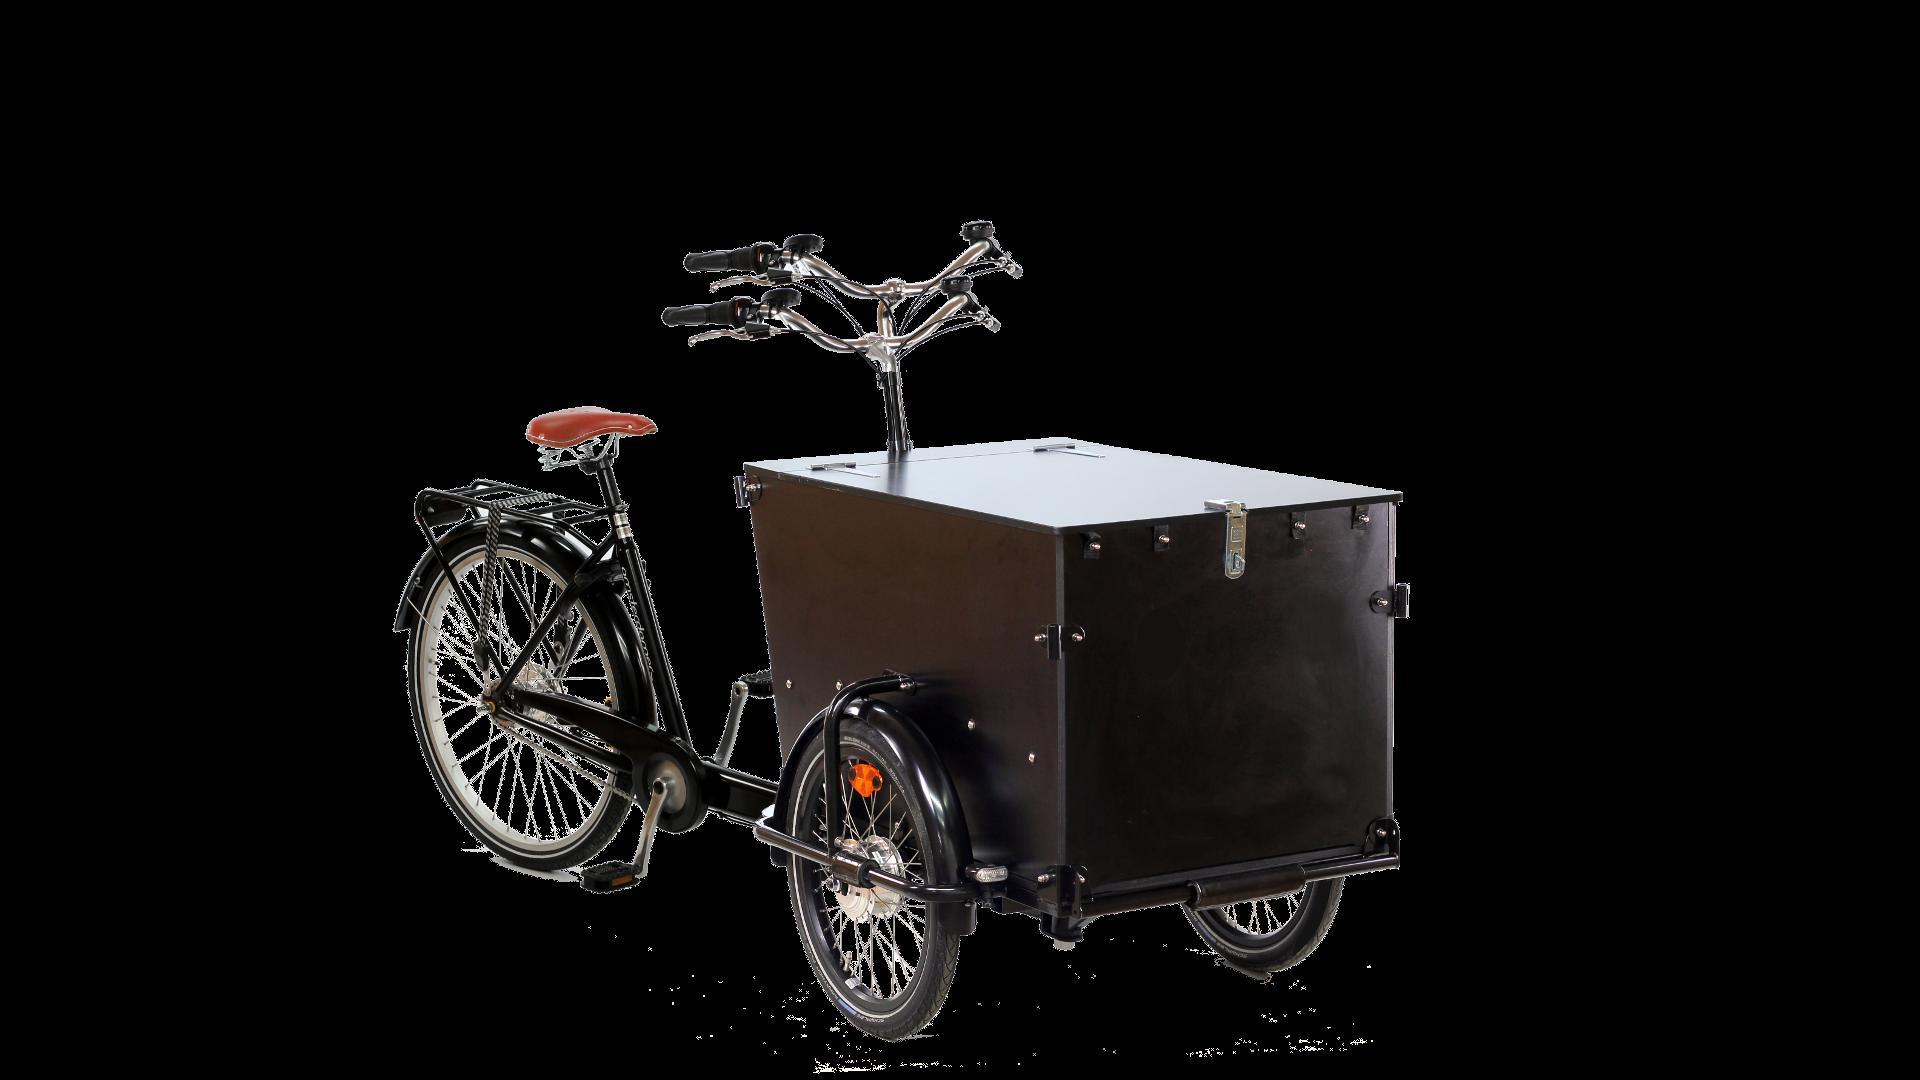 destockage noz industrie alimentaire france paris machine triporteur vente ambulante. Black Bedroom Furniture Sets. Home Design Ideas